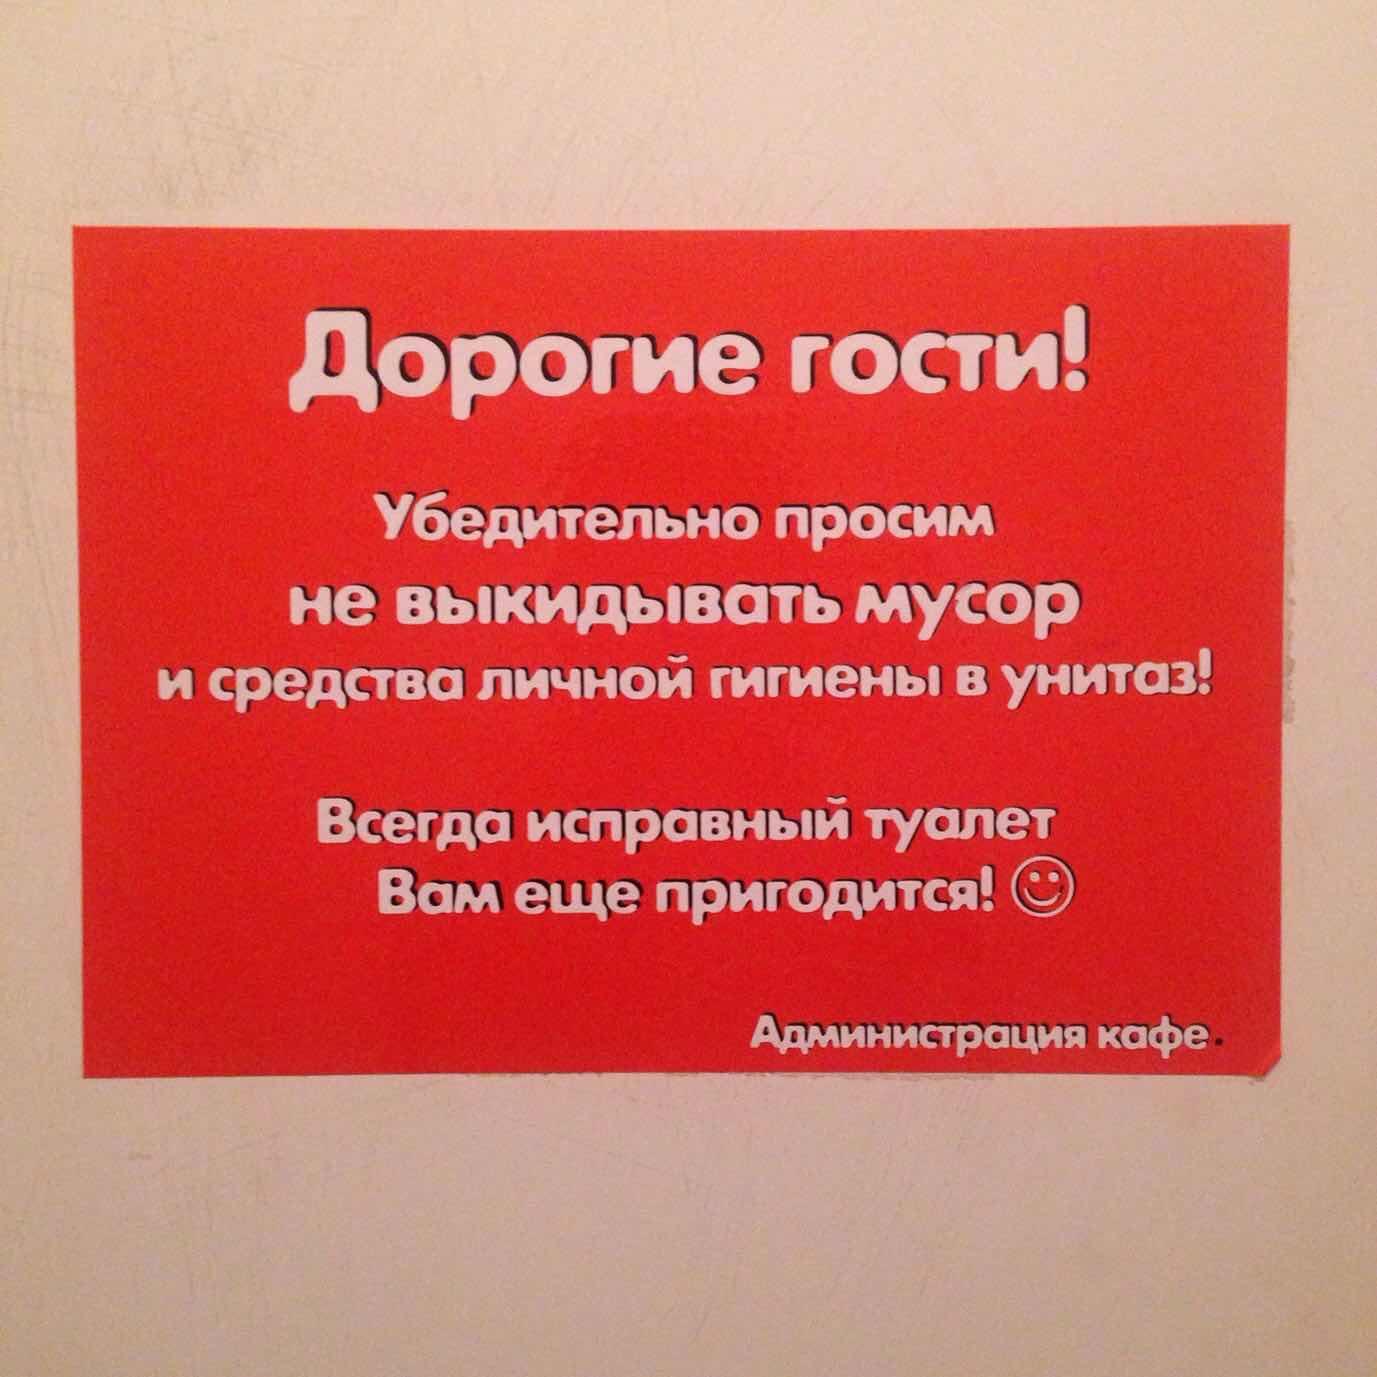 Картинка туалетную бумагу в унитаз не бросать картинки